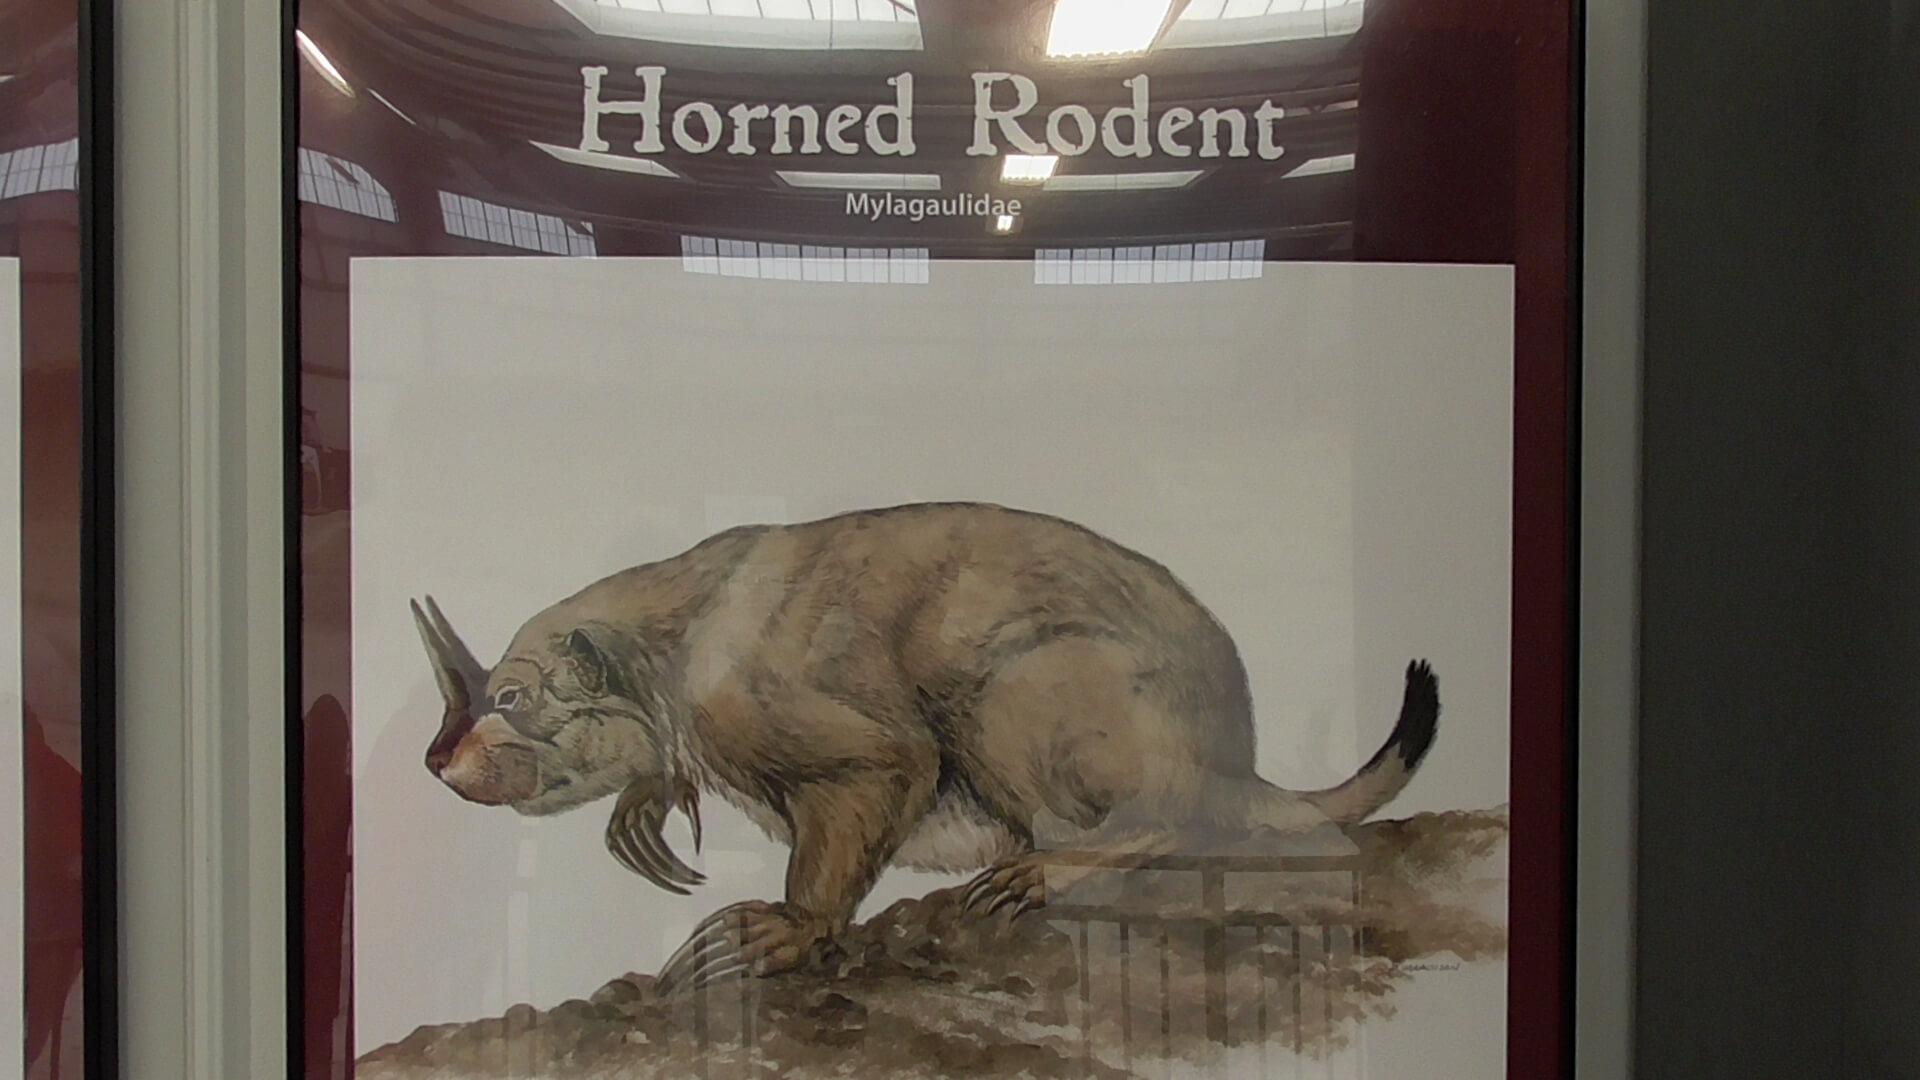 Horned Rodent